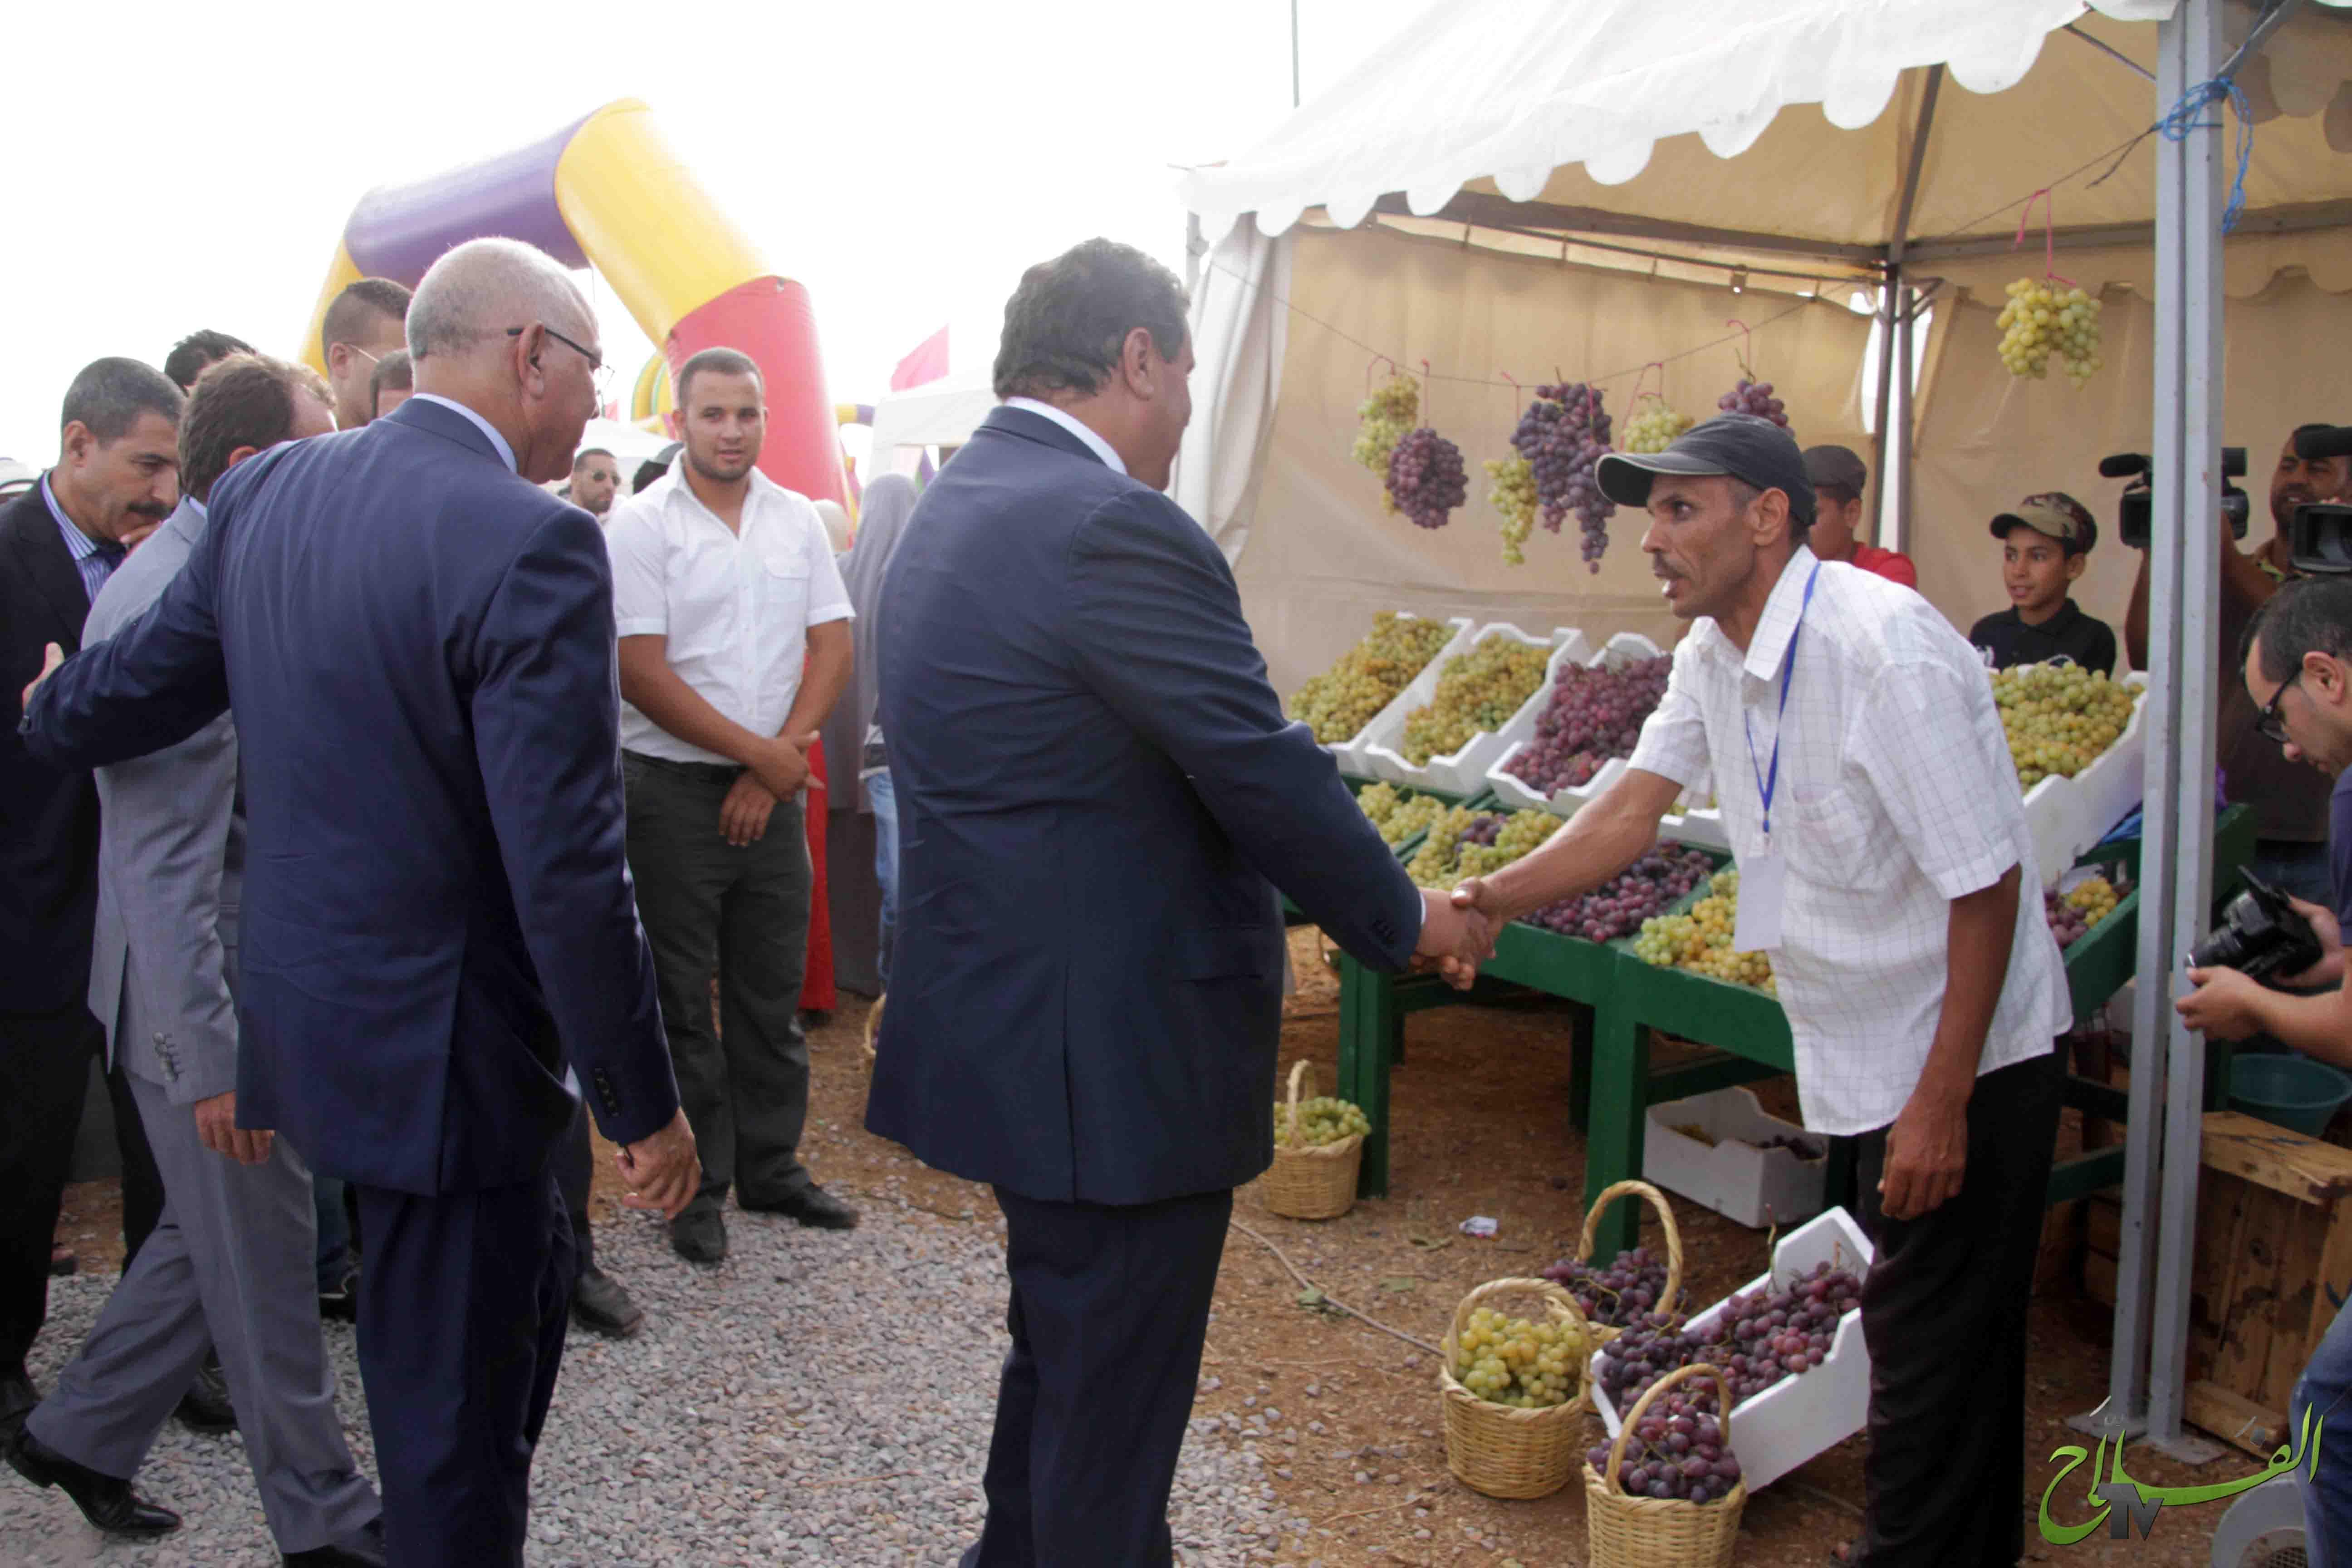 Le ministre de l'Agriculture et de la Pêche Maritime Monsieur Aziz Akhannouch Inaugure la neuvième édition du Moussem de raisin à  la commune de Cherrat,  Province de Benslimane